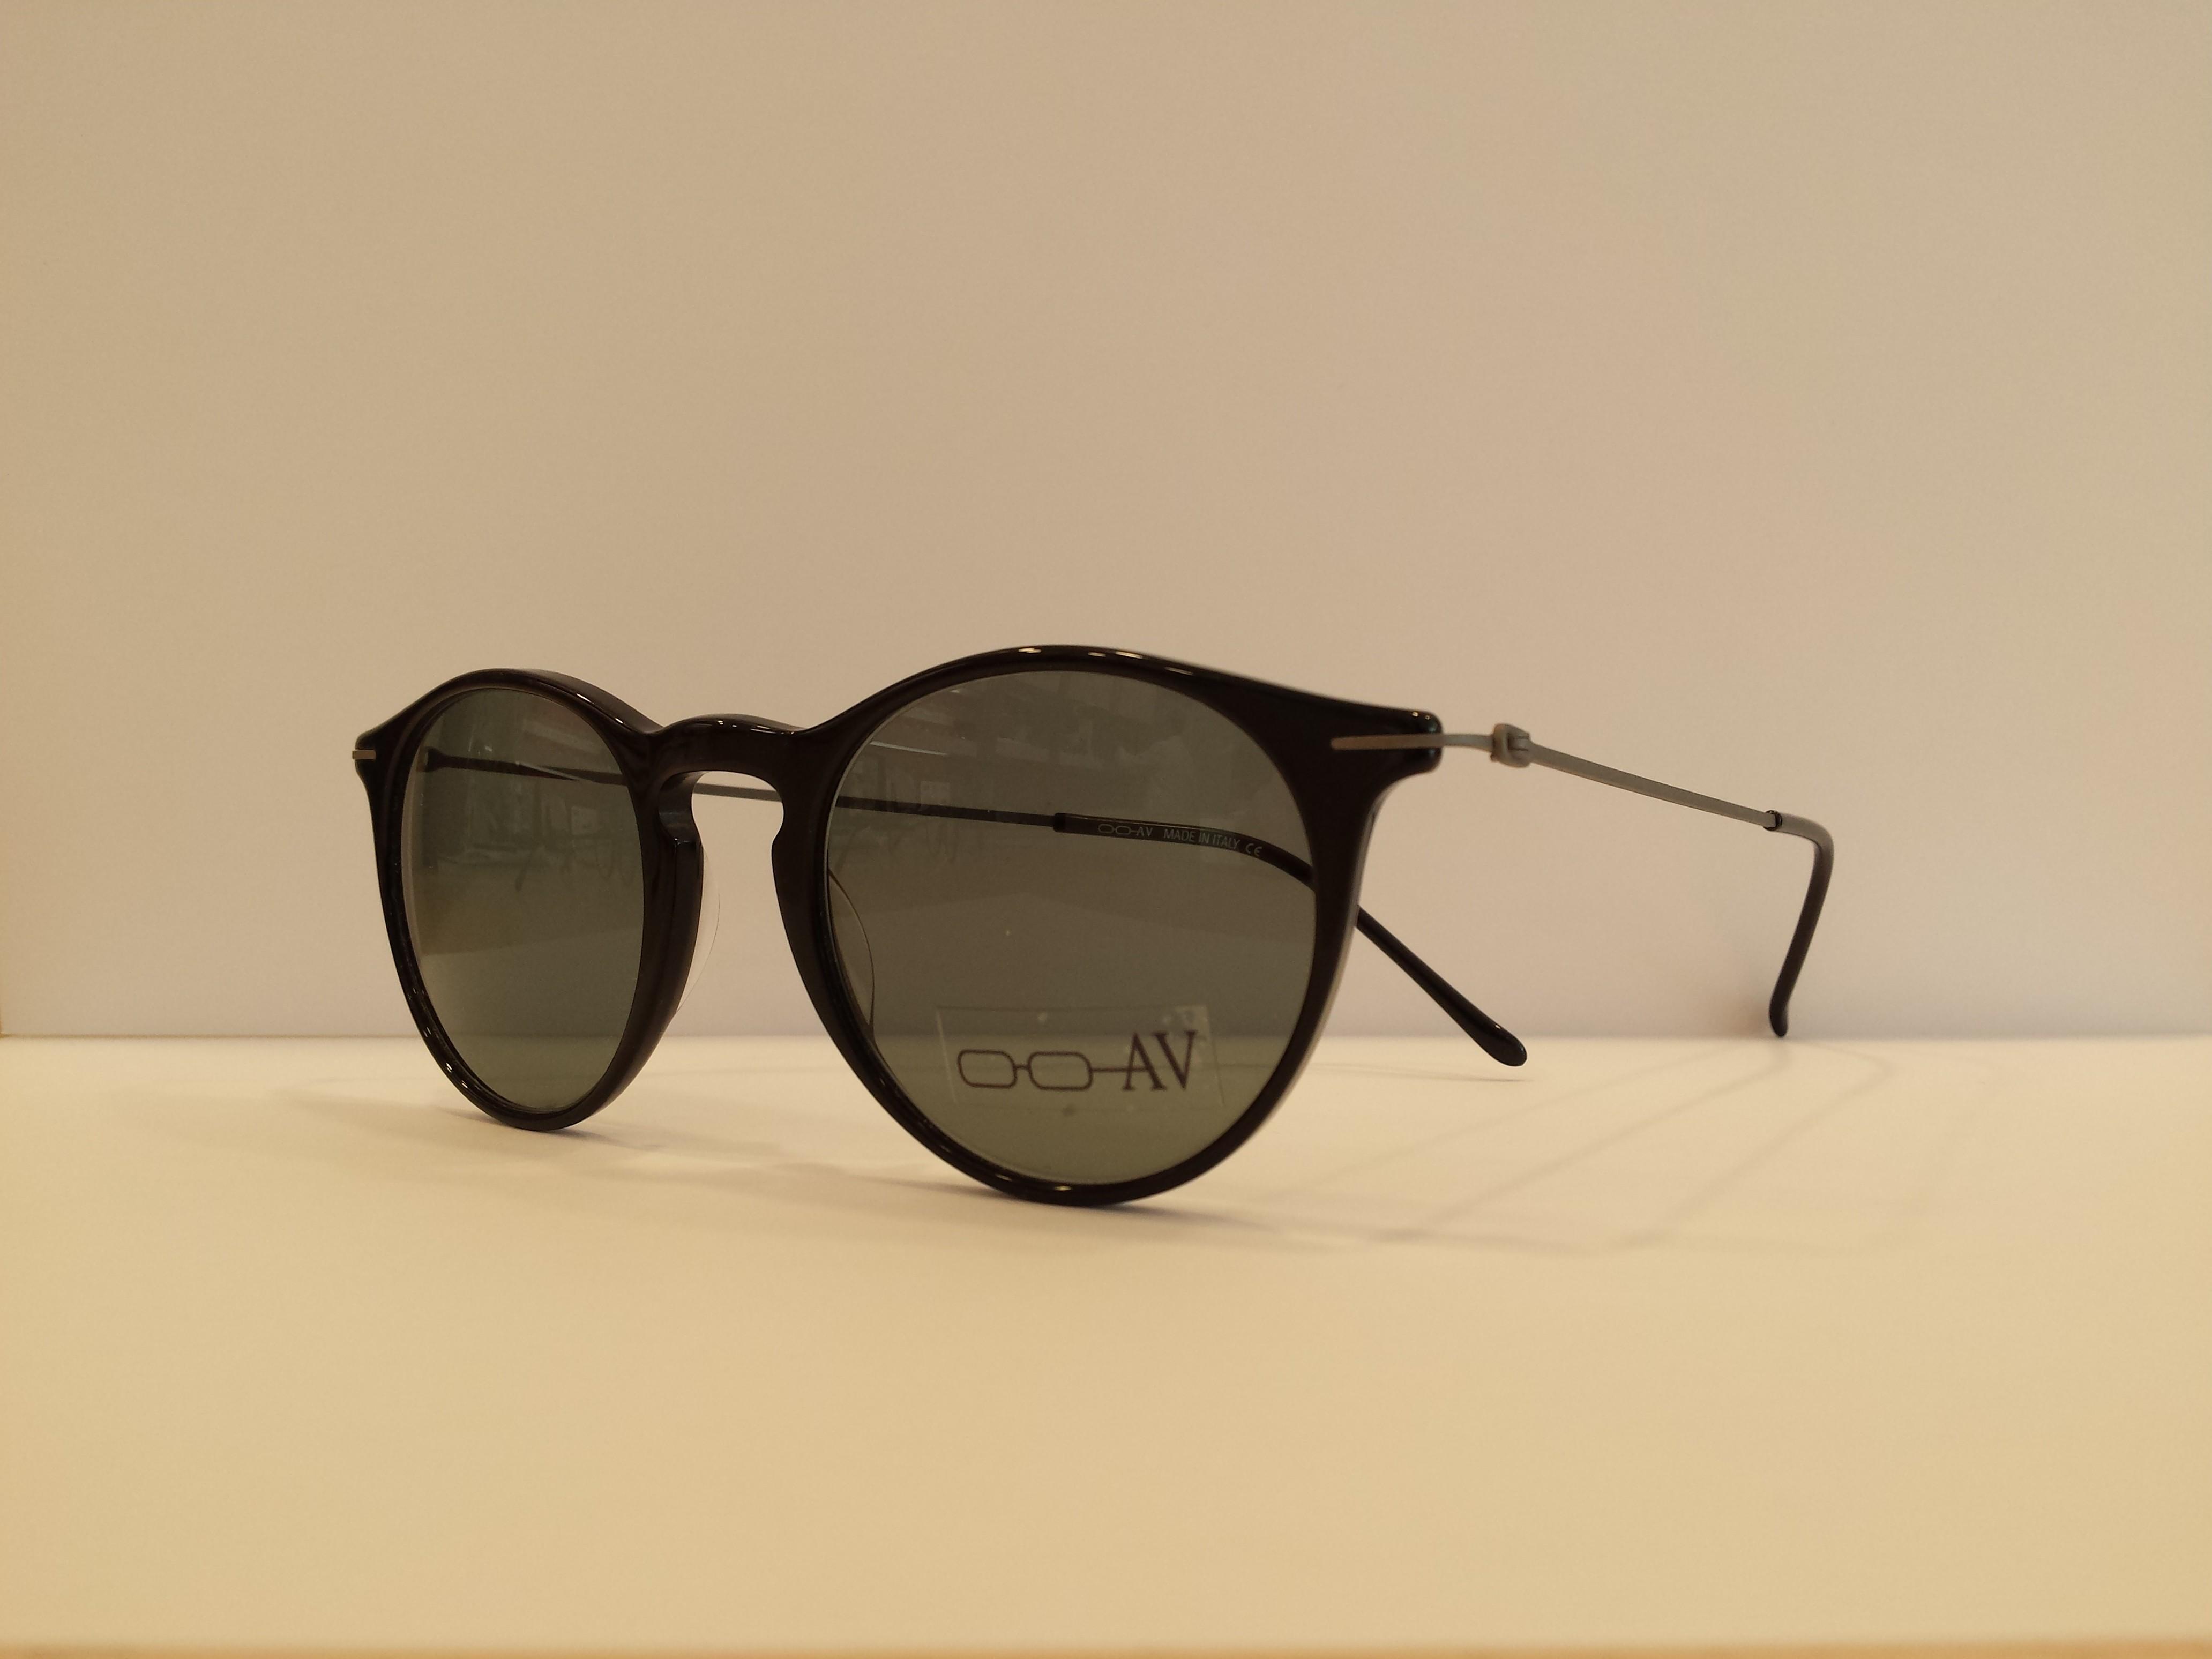 a6906283fa Vendita online occhiali da sole e occhiali da vista. AV Ottica ...